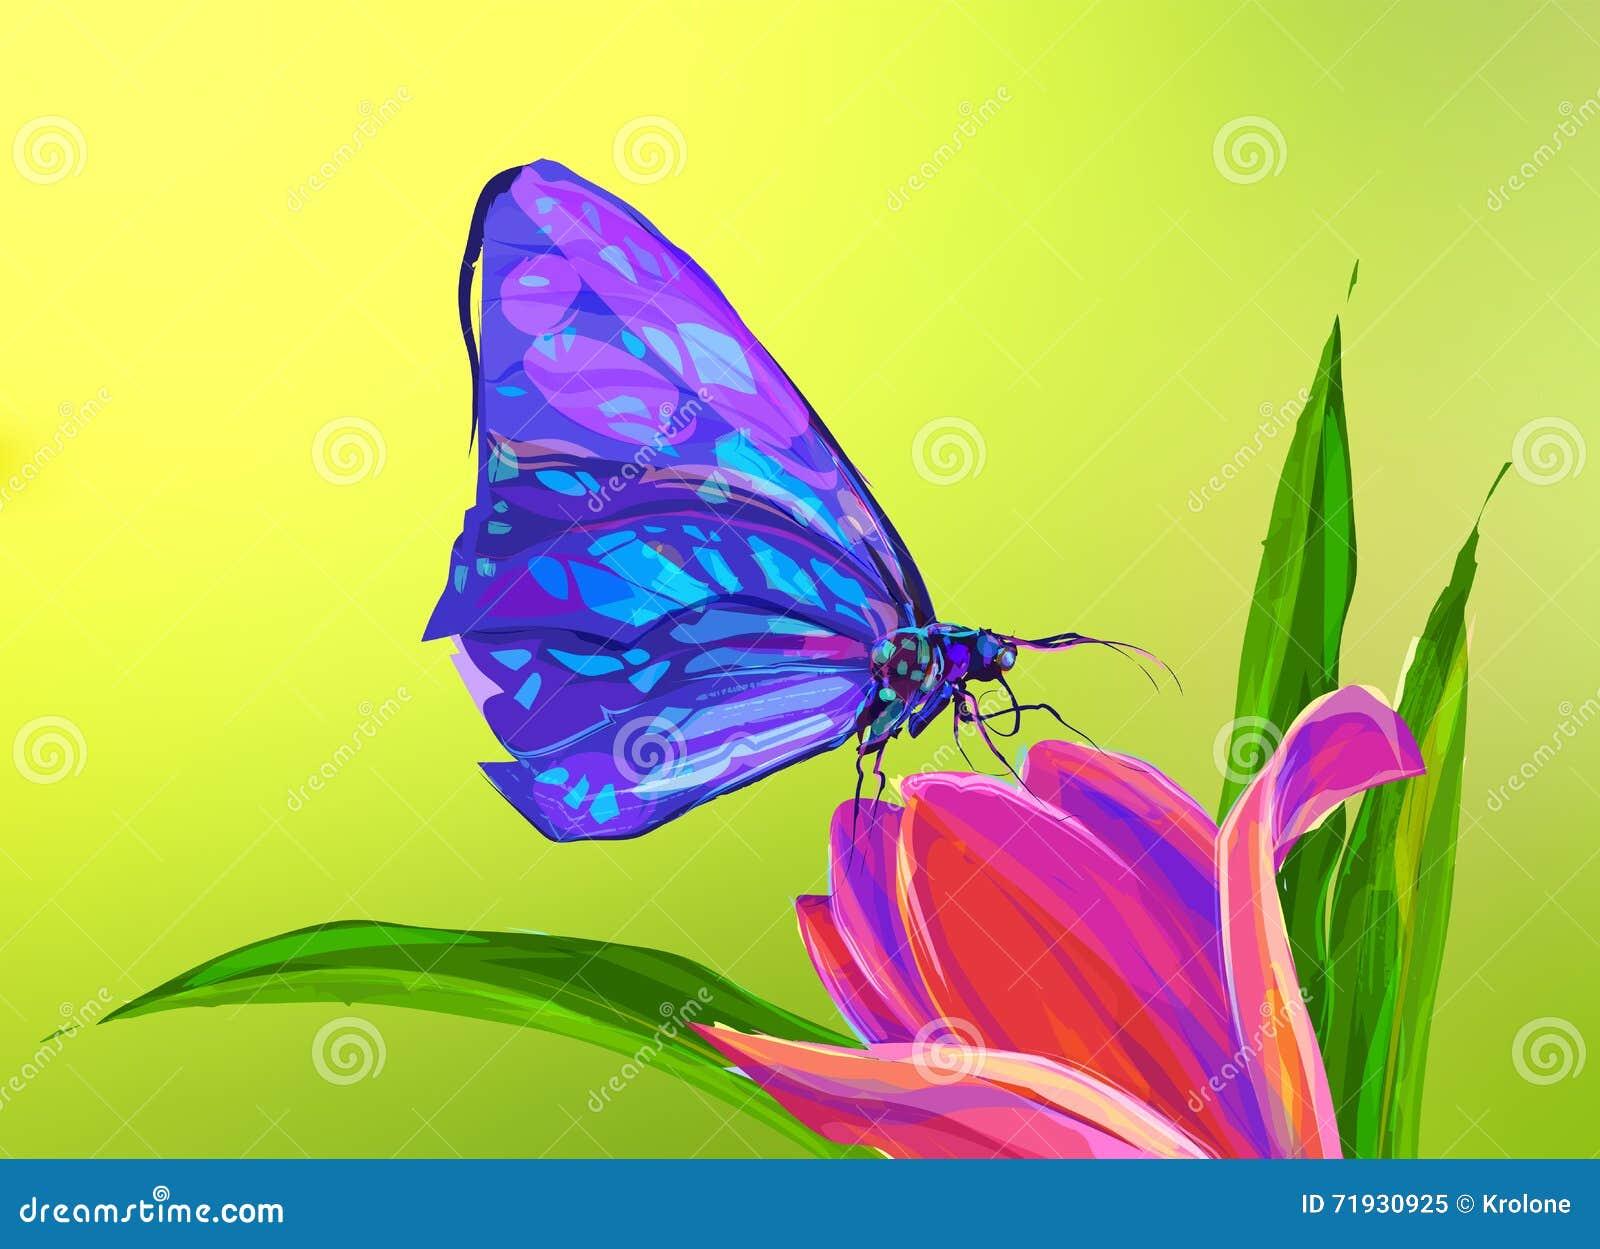 Милая покрашенная бабочка на цветке